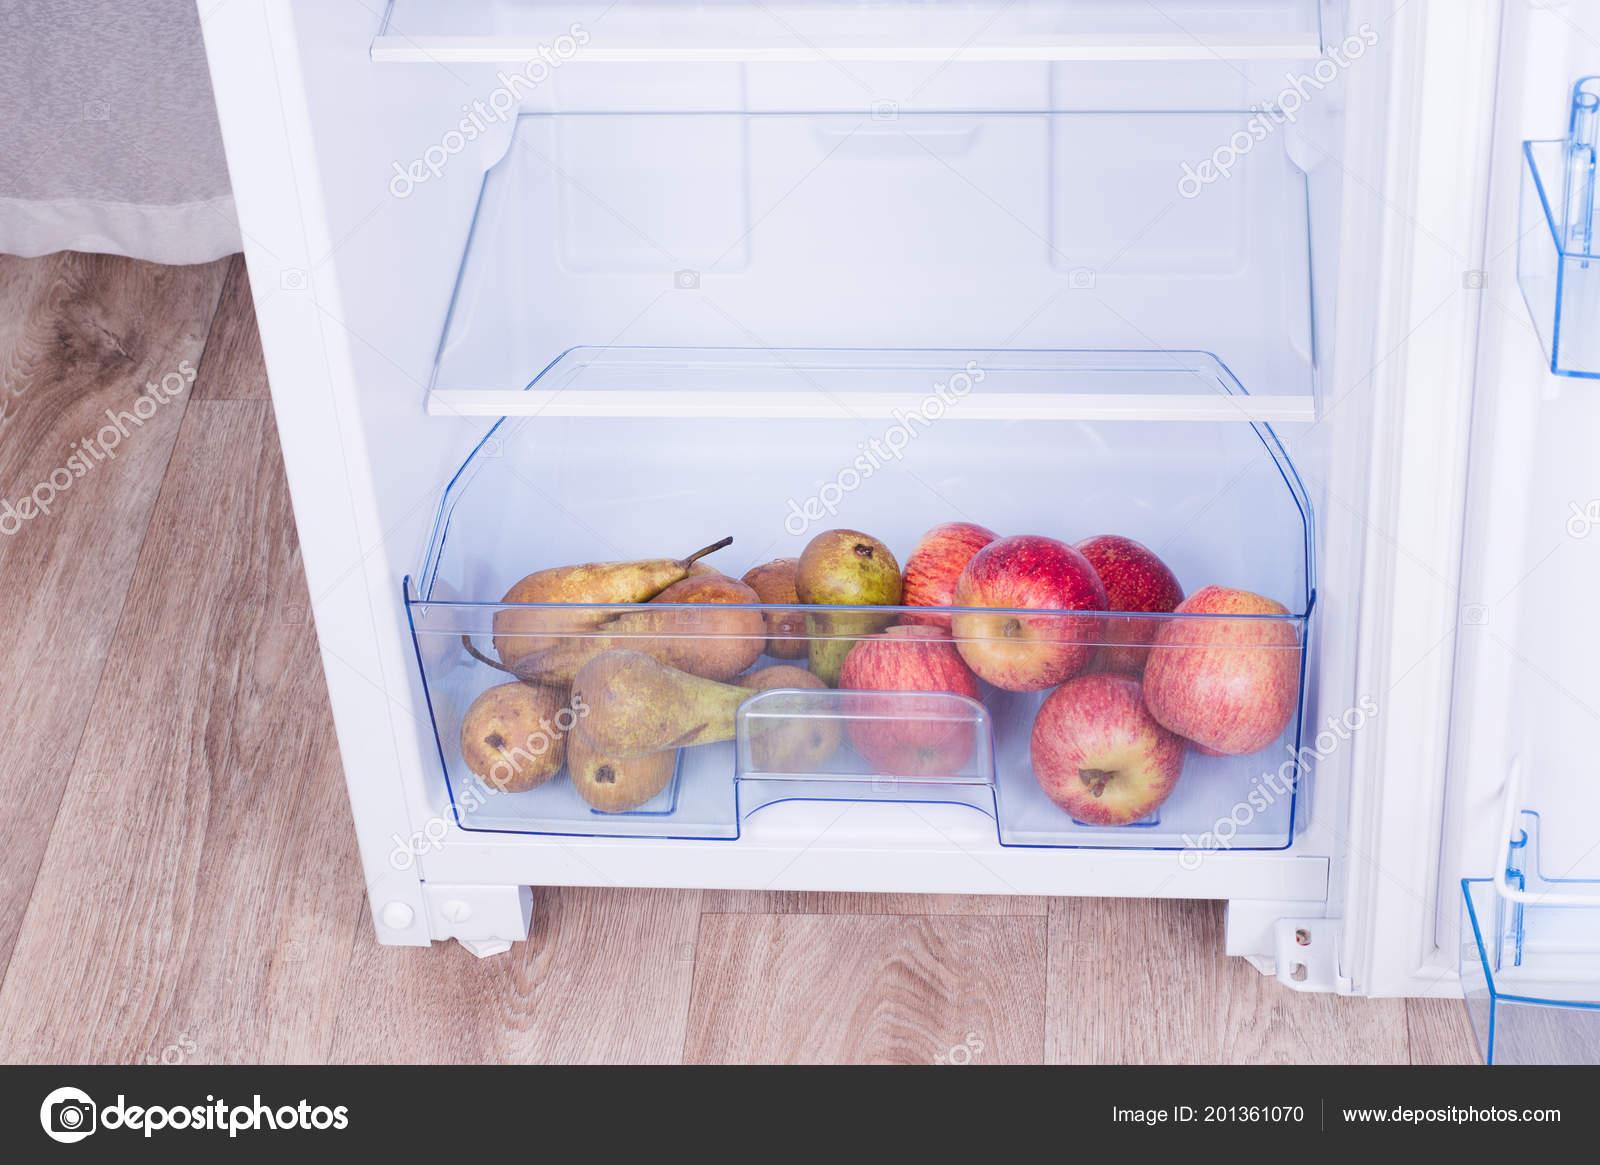 Kühlschrank Birne : Offenen kühlschrank eier birnen und Äpfel auf dem regal des